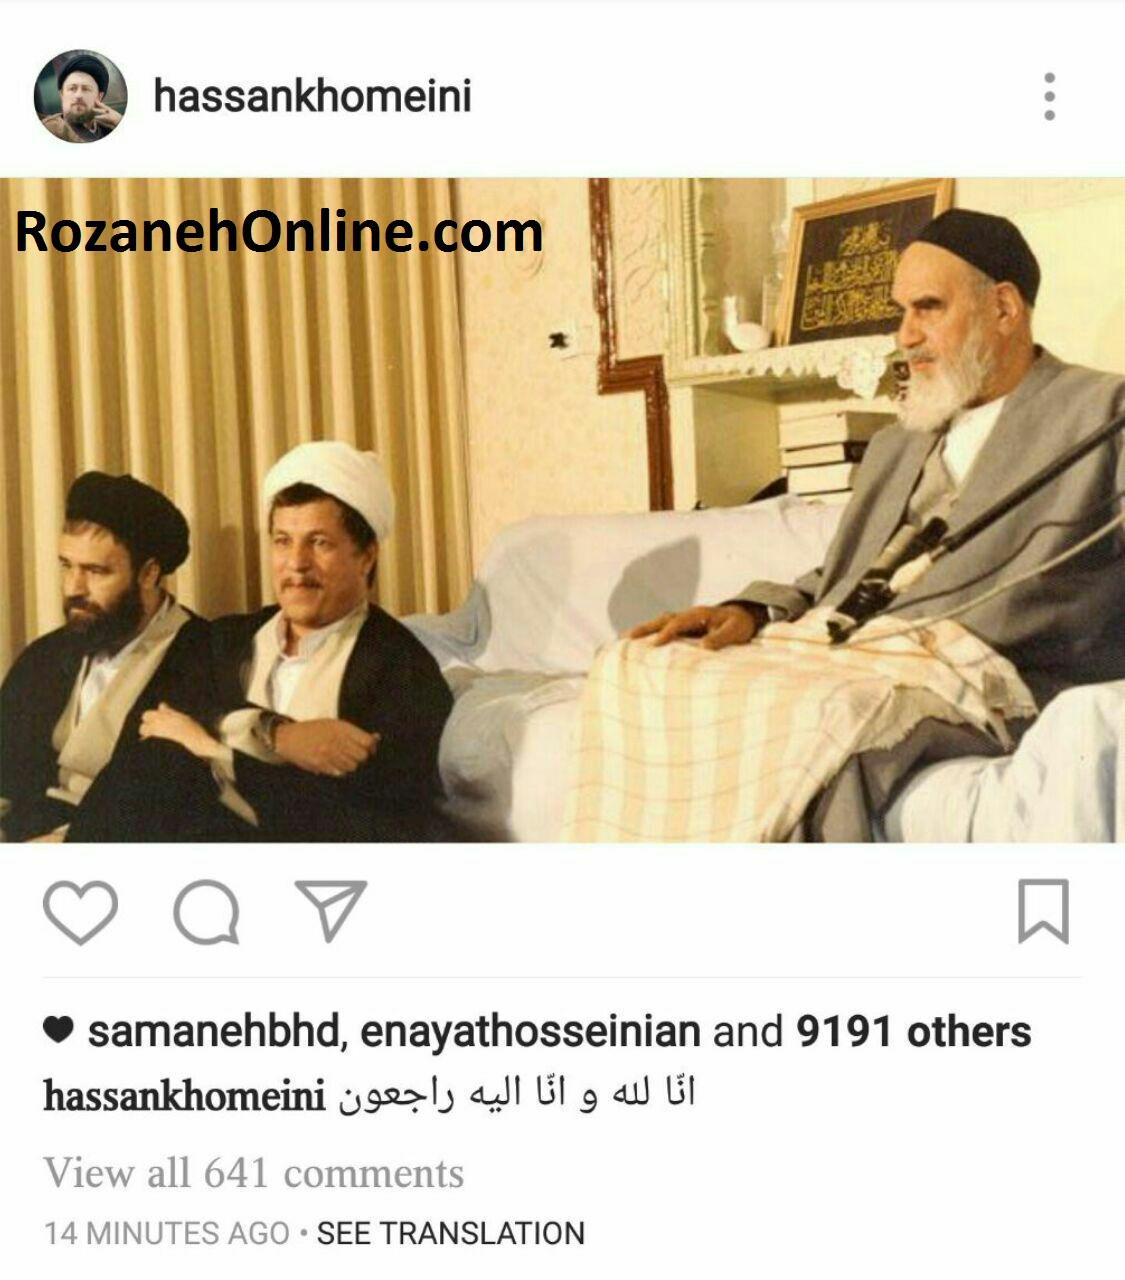 واکنش اینستاگرامی سیدحسن خمینی به درگذشت آیت الله هاشمی رفسنجانی